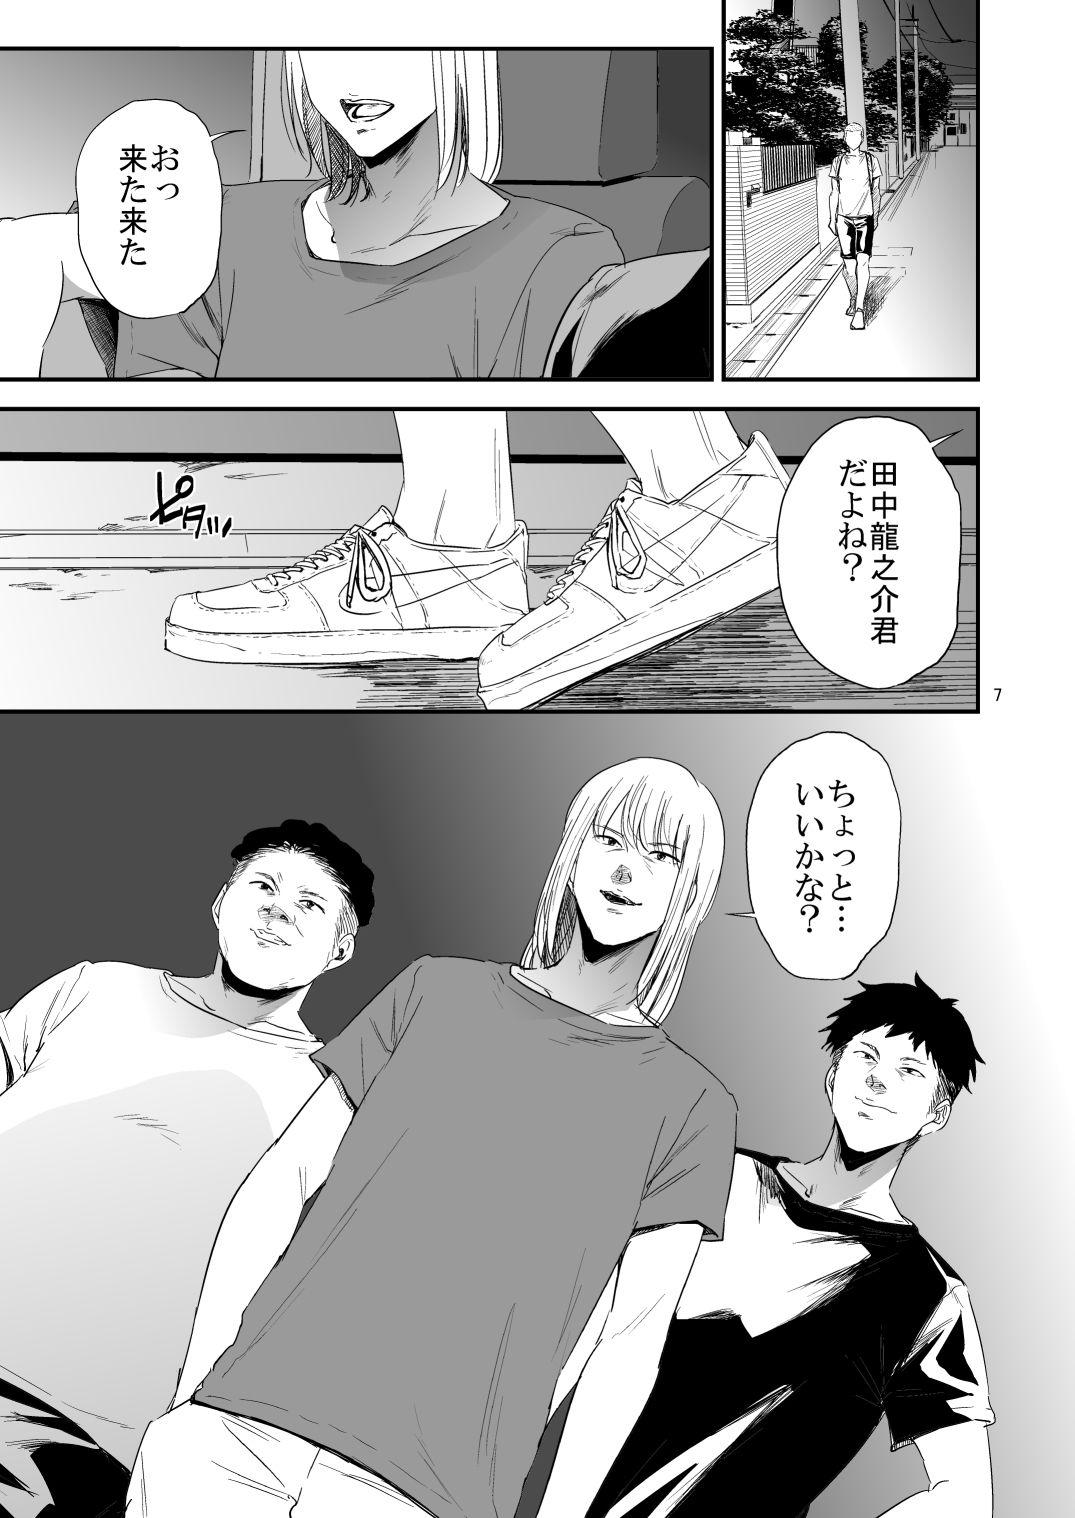 サンプル画像4:冴〇姐さんが大学の同級生に悪戯され弄ばれる本 3(ごしっぷごしっく) [d_196333]